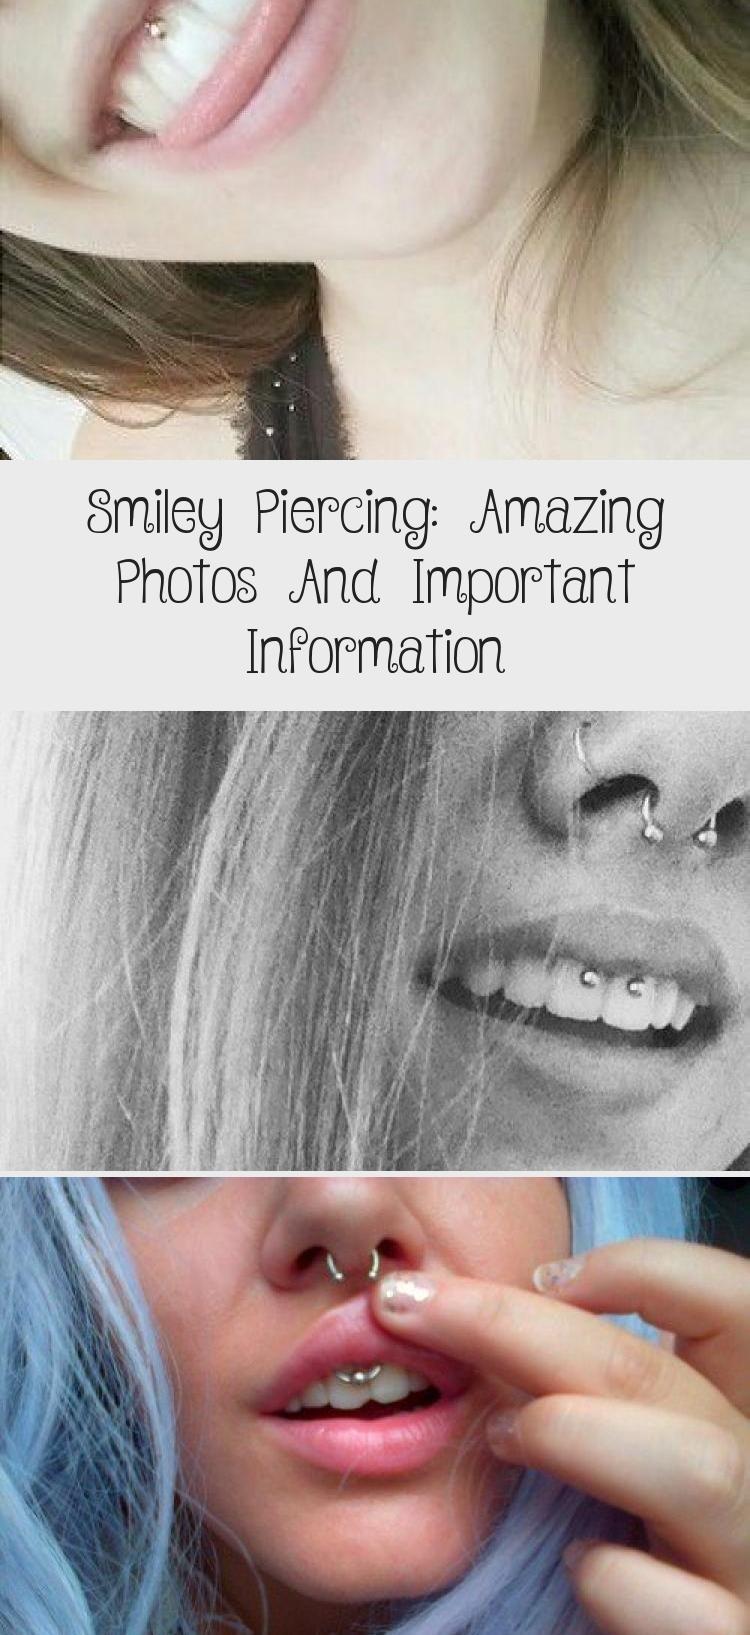 My Blog – En Blog in 2020 | Smiley piercing, Piercing ...